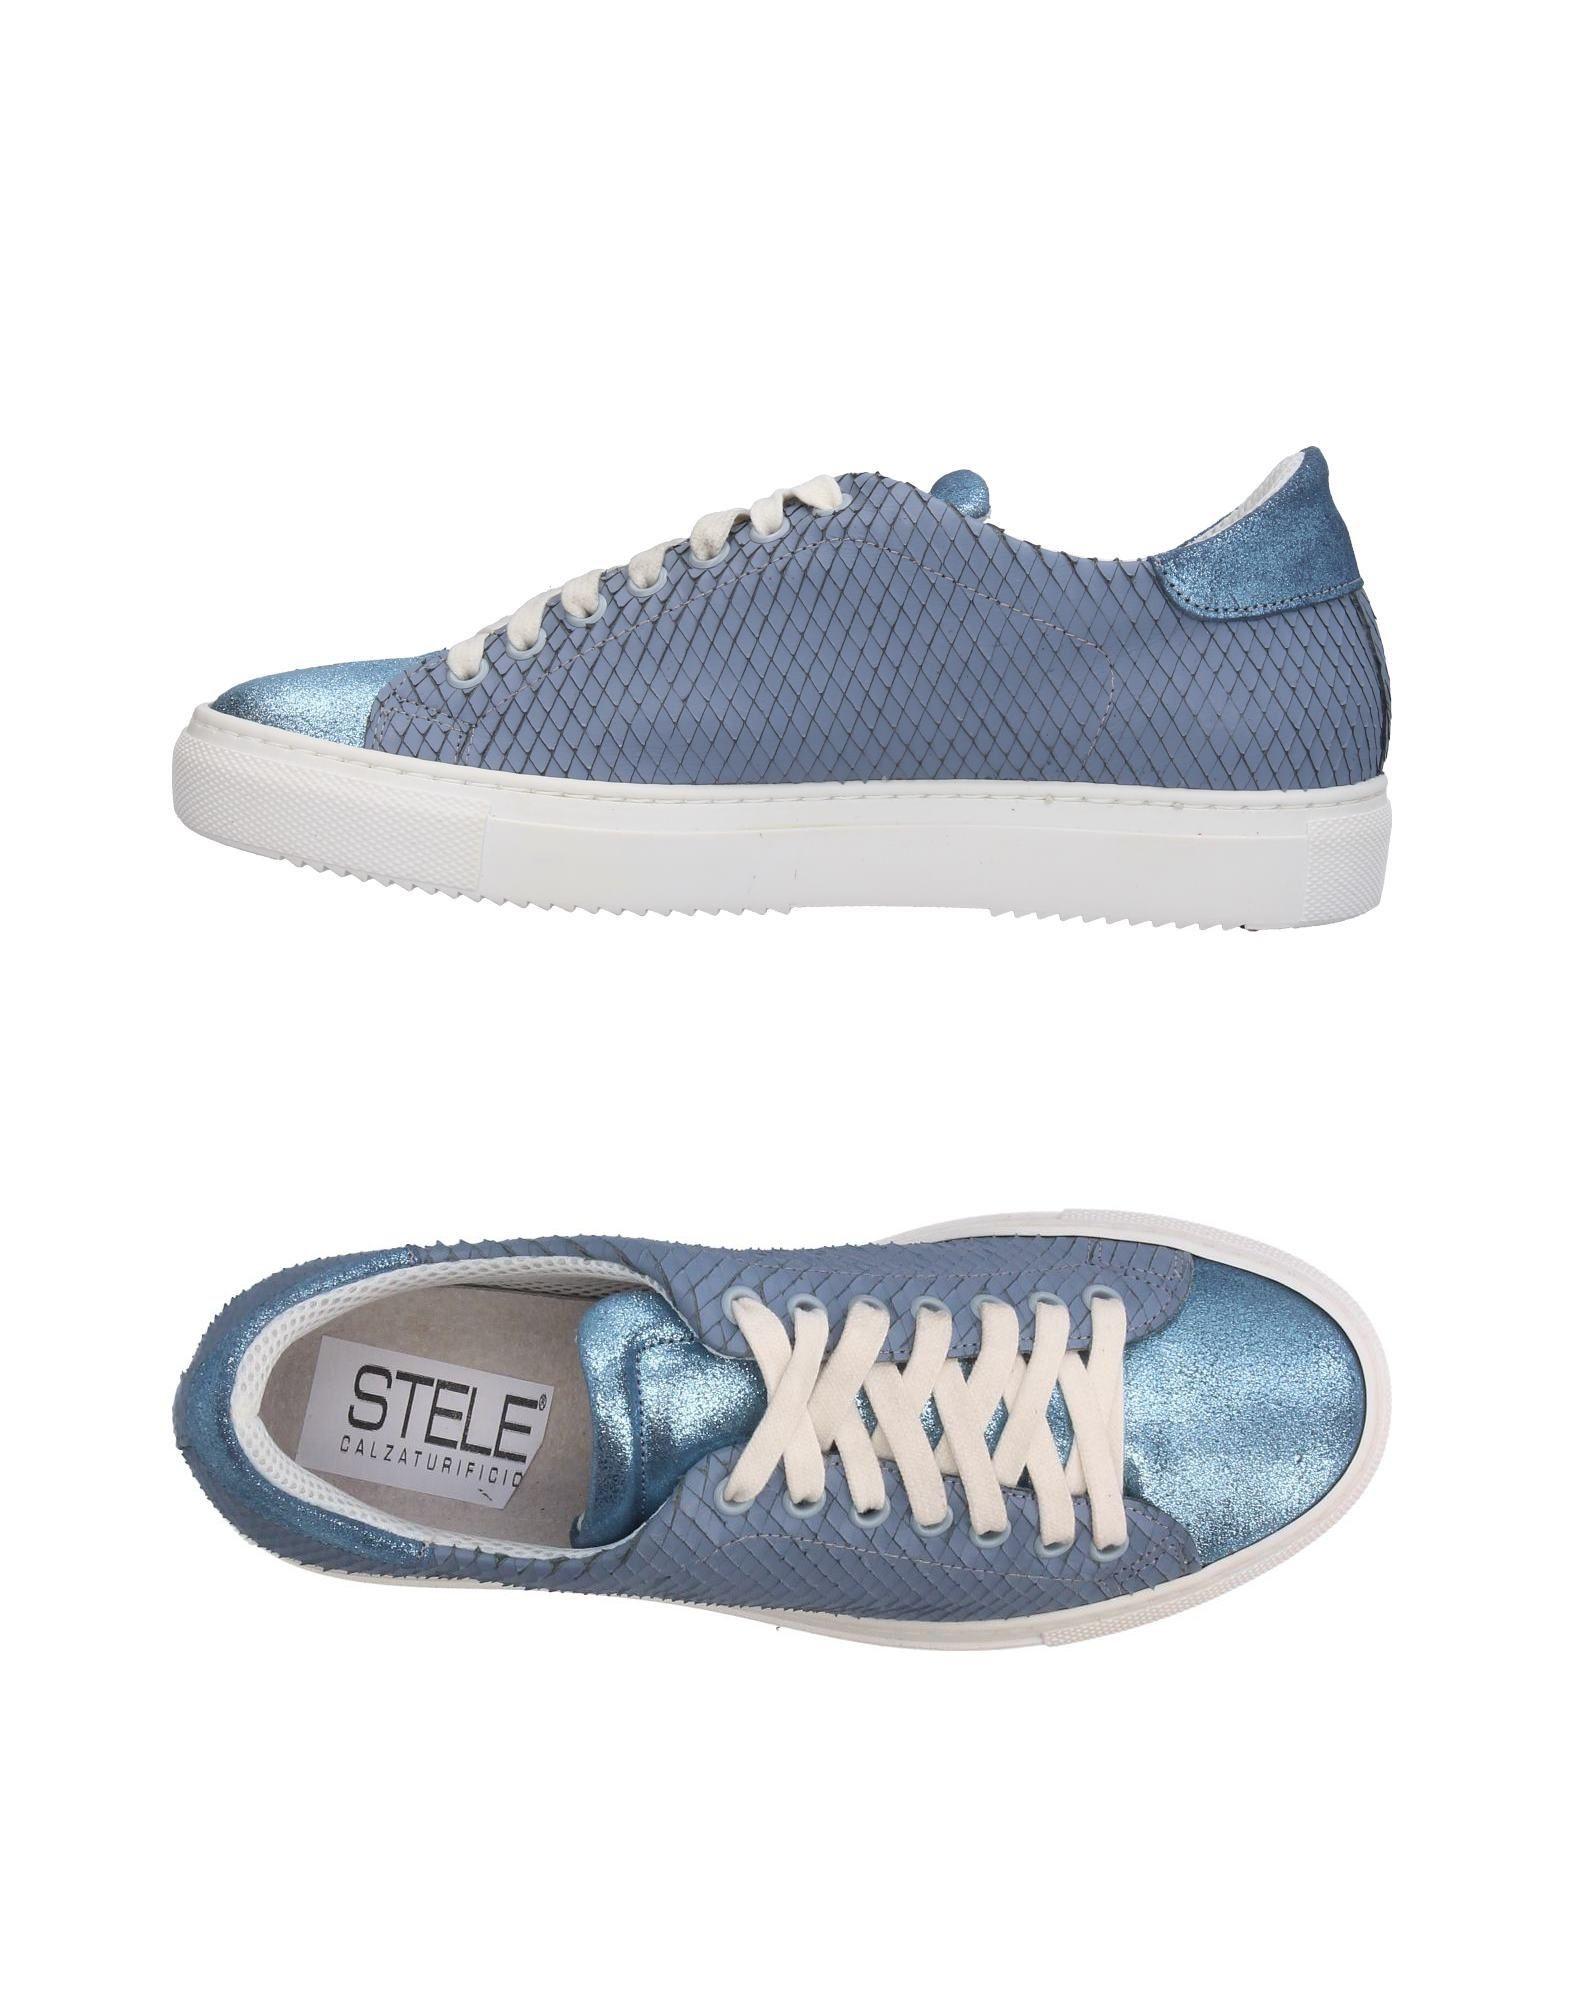 Sneakers Stele Donna - 11375325LJ Scarpe economiche e buone